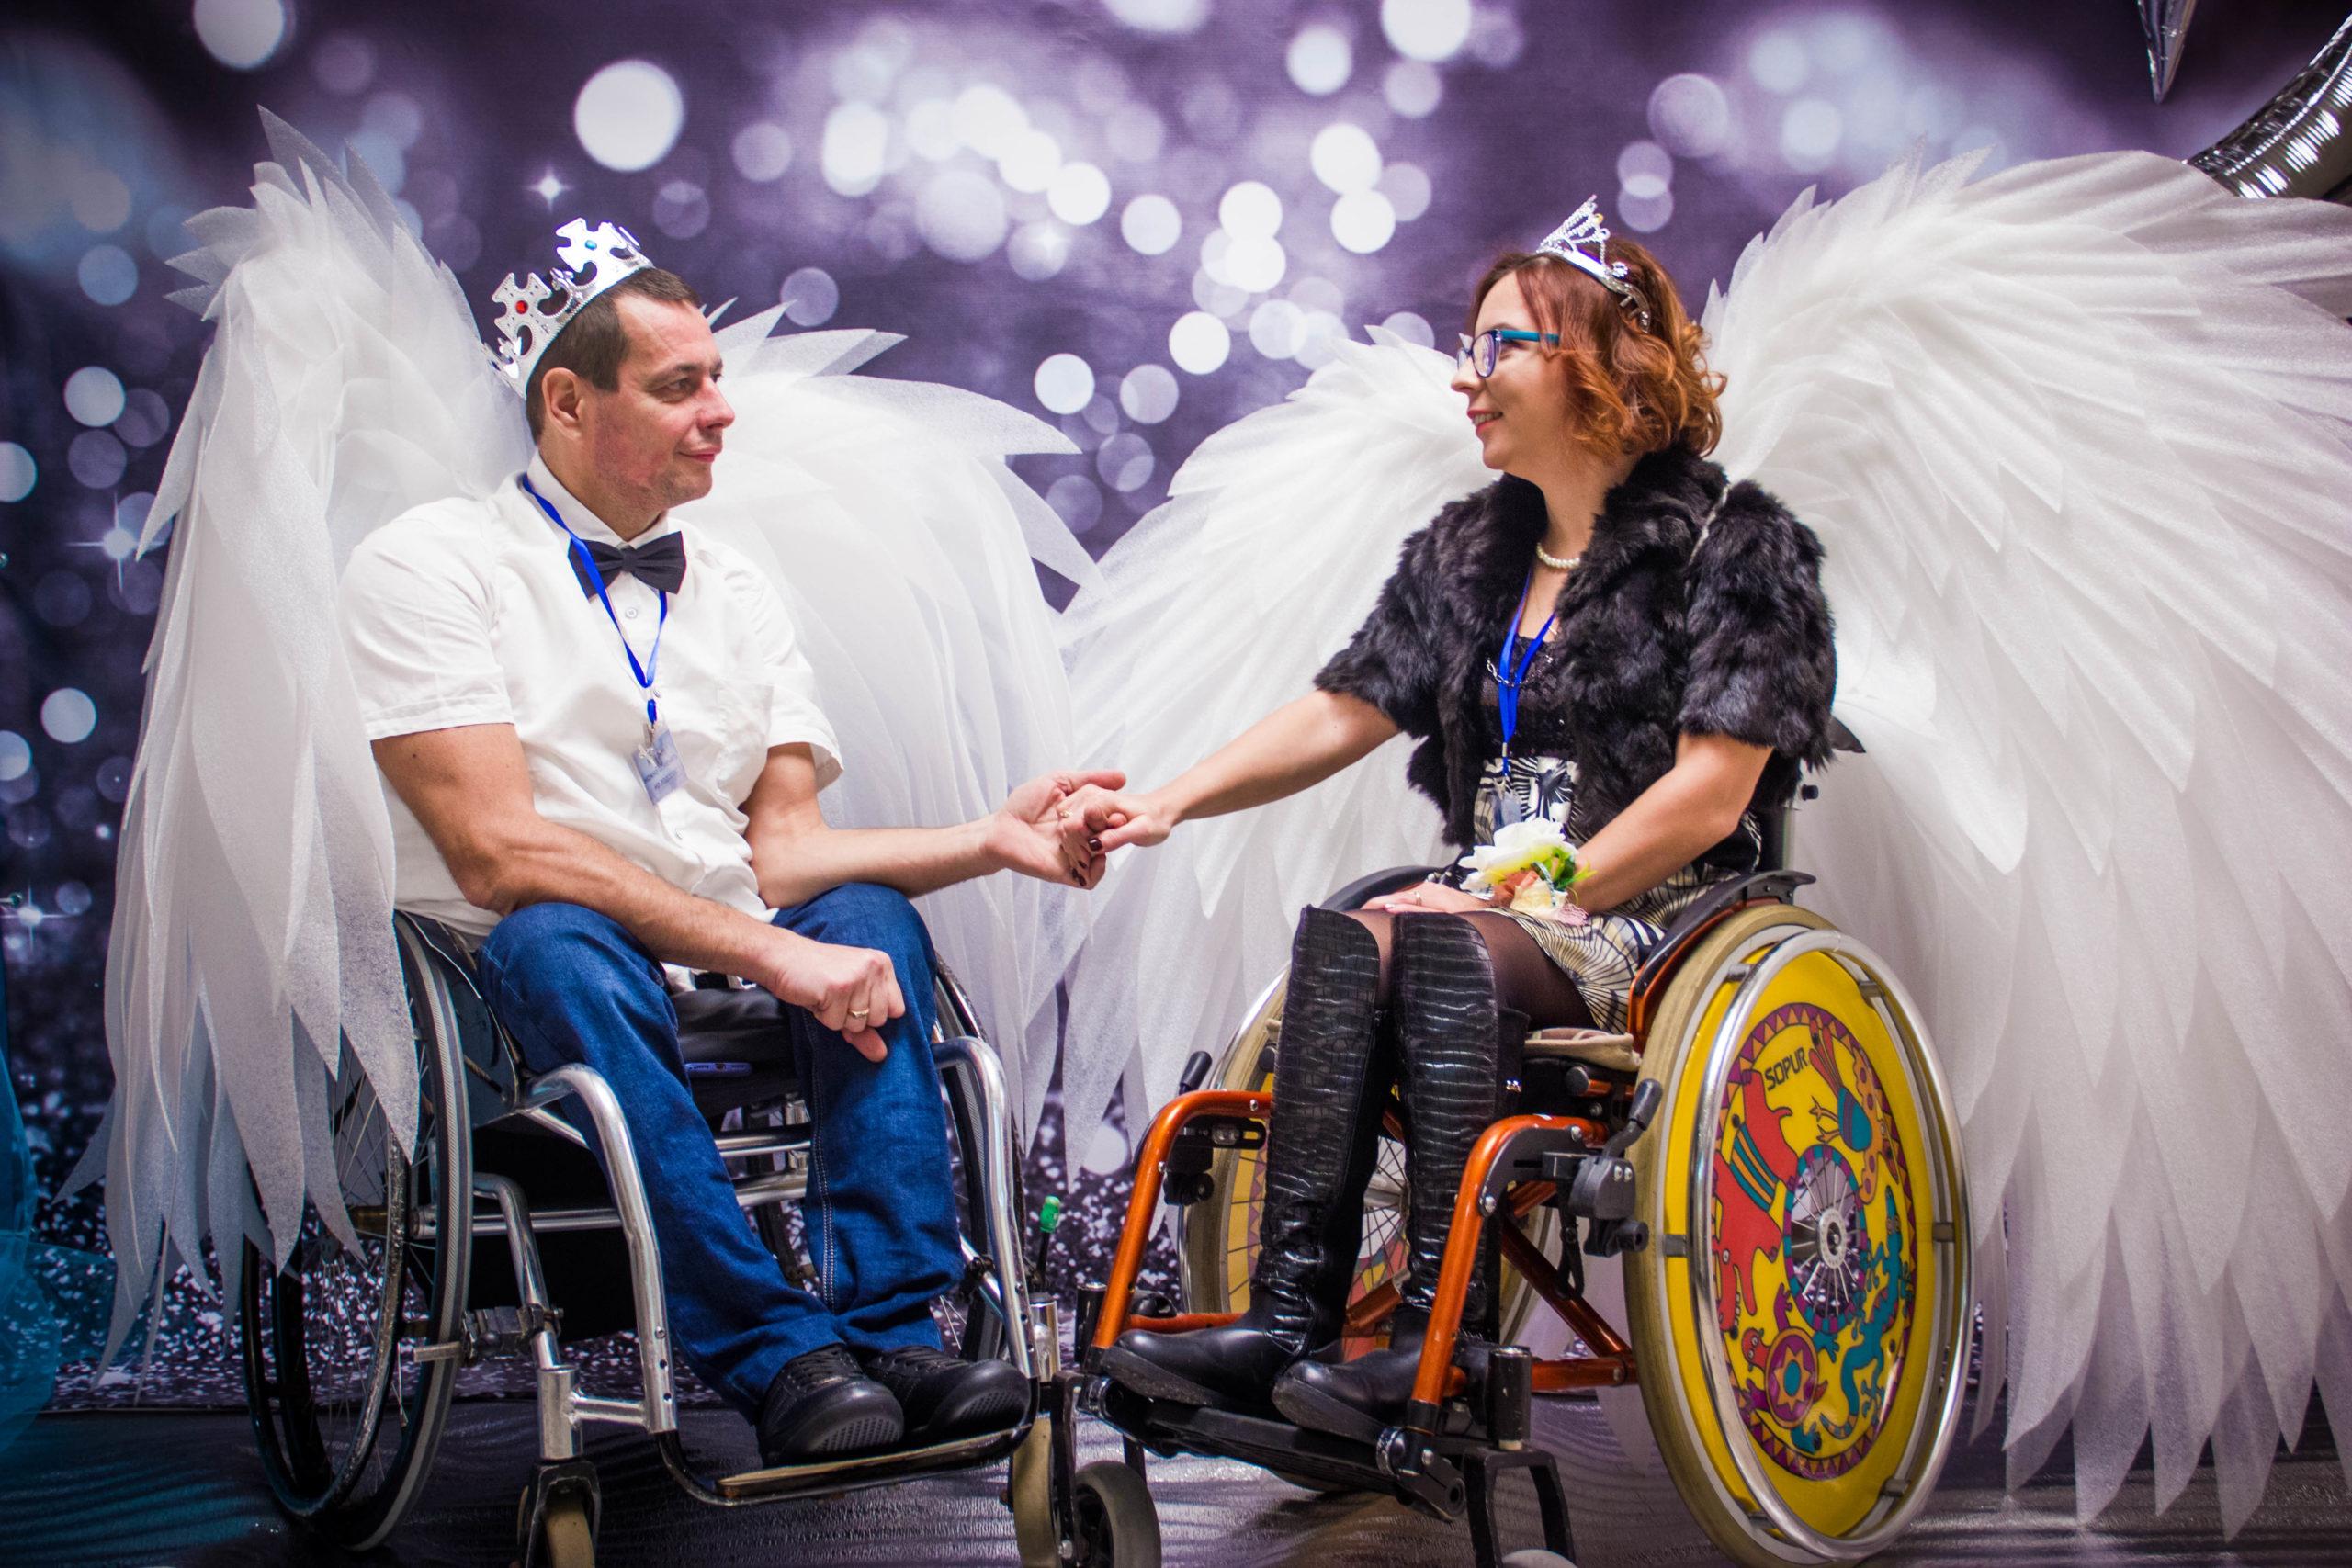 У Менорі до Дня закоханих пройде бал для людей з інвалідністю